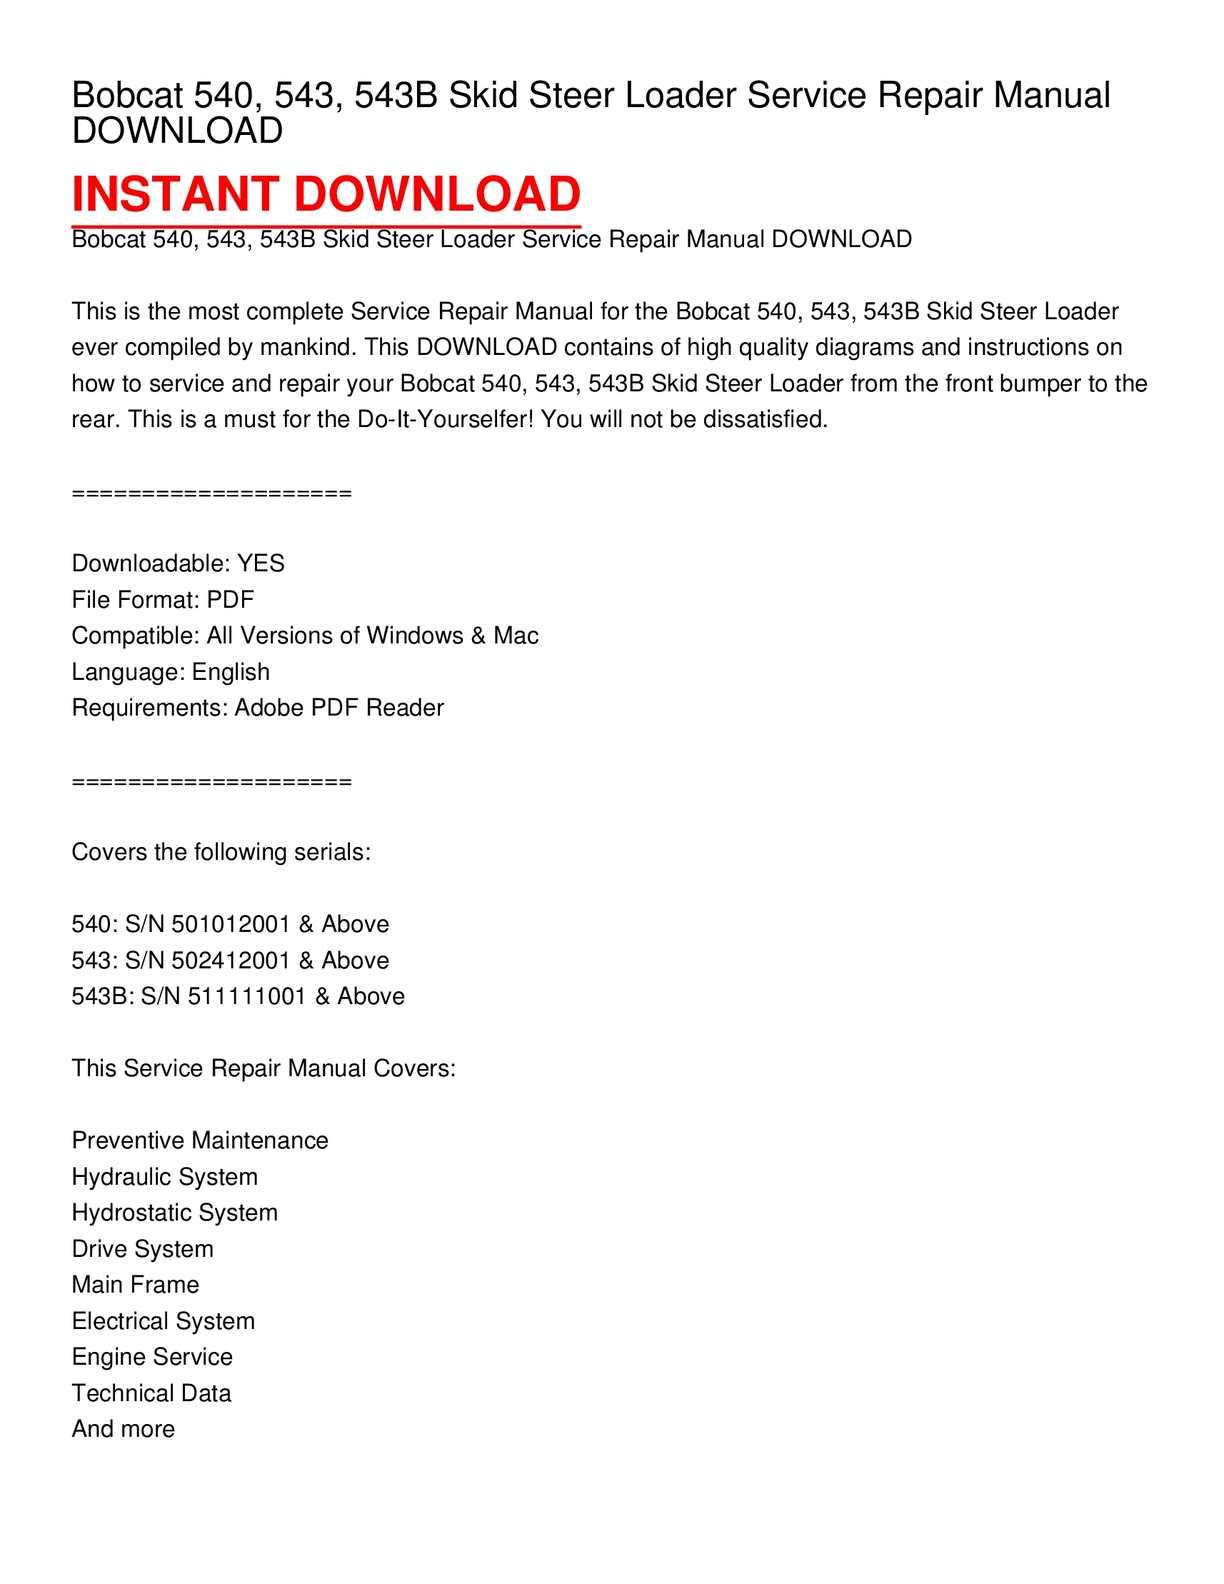 bobcat 540, 543, 543b skid steer loader service repair manual download